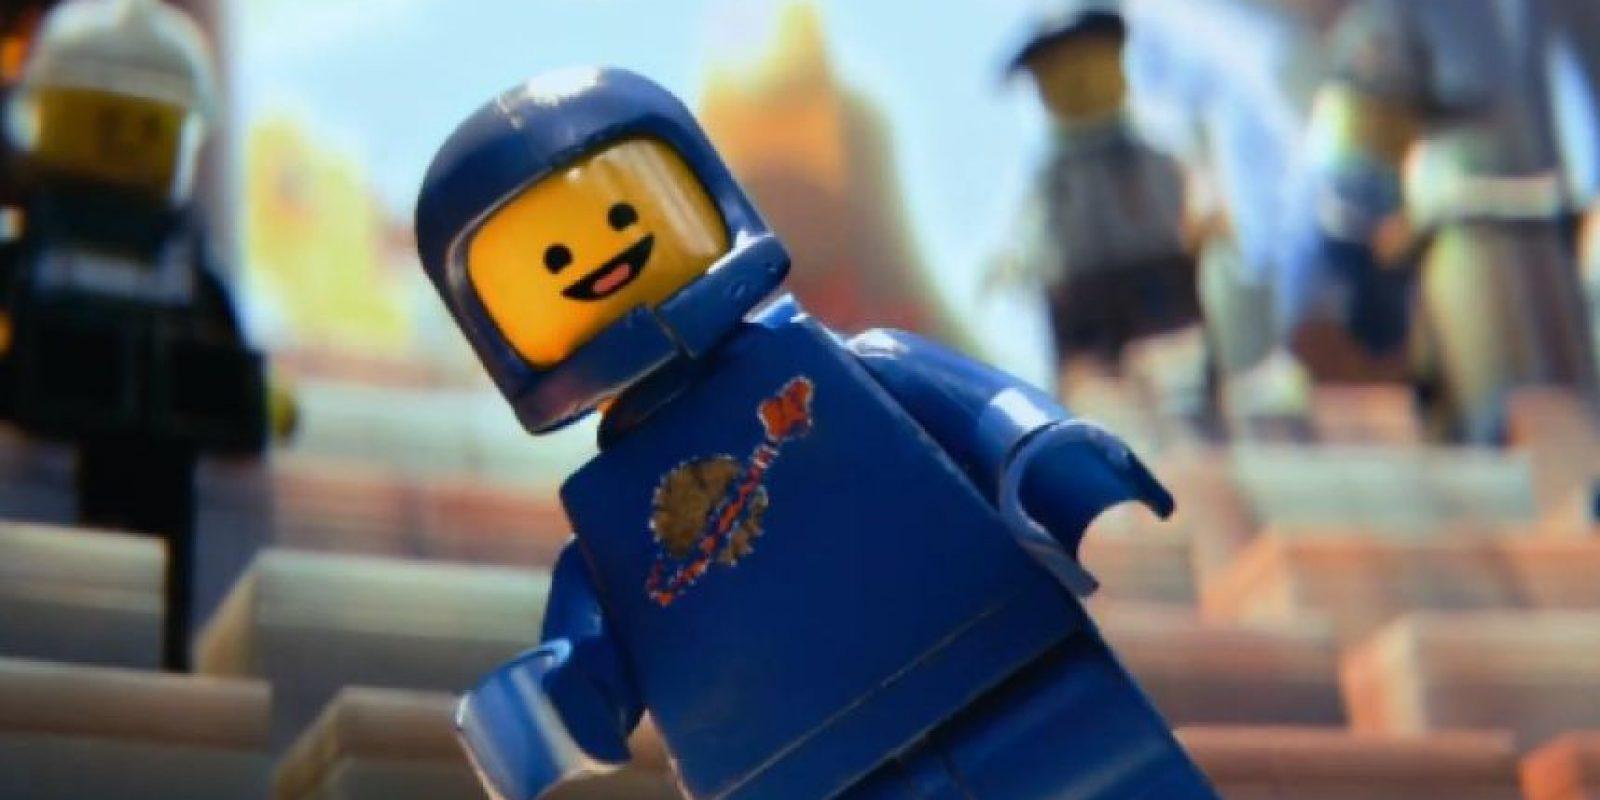 Un astronauta de los años 70 Foto:Facebook/The Lego Movie